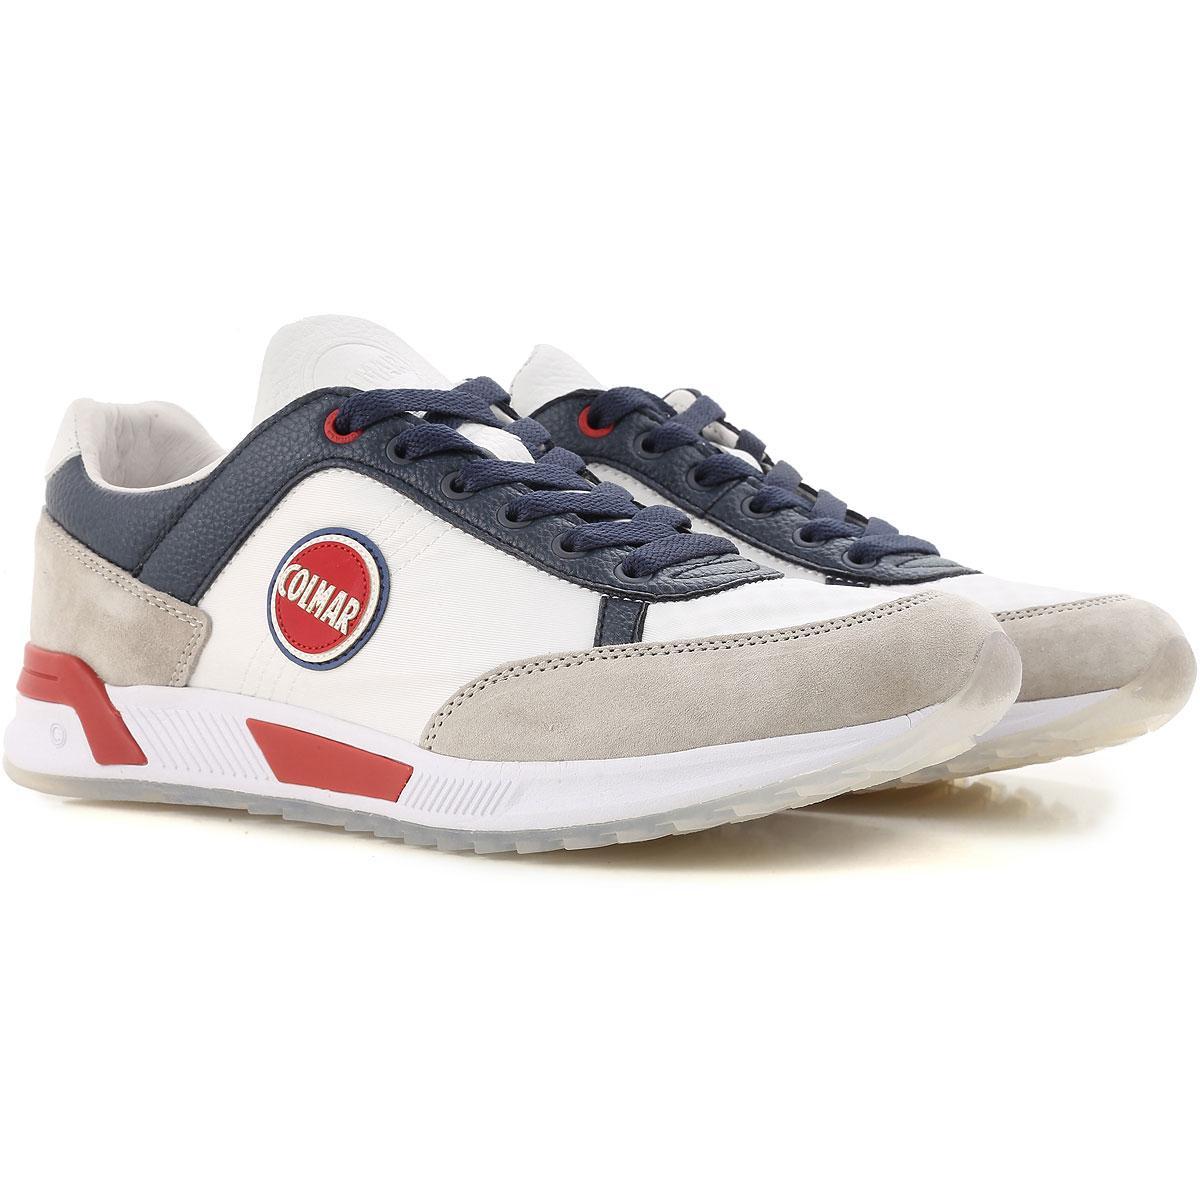 Pas Colmar Homme Sneaker Pour Lyst Soldes En Coloris Cher pPvc7w 0dc1f99016c6